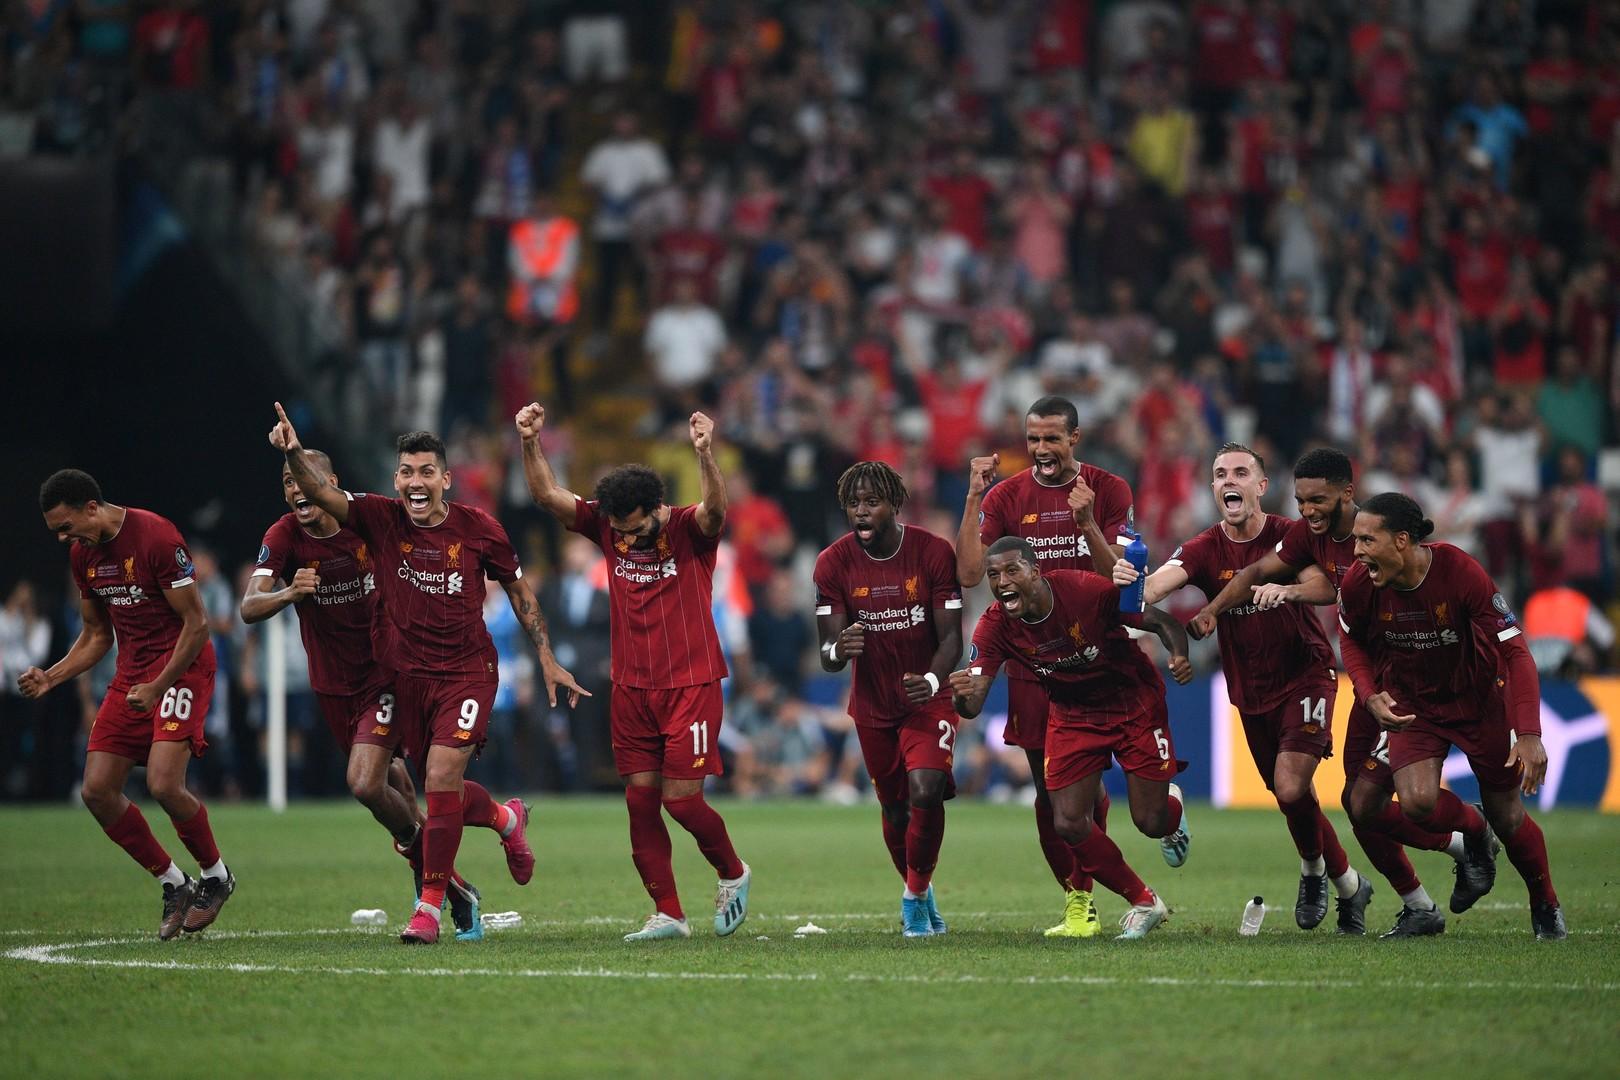 ليفربول يتوج بلقب كأس السوبر الأوروبي على حساب تشيلسي